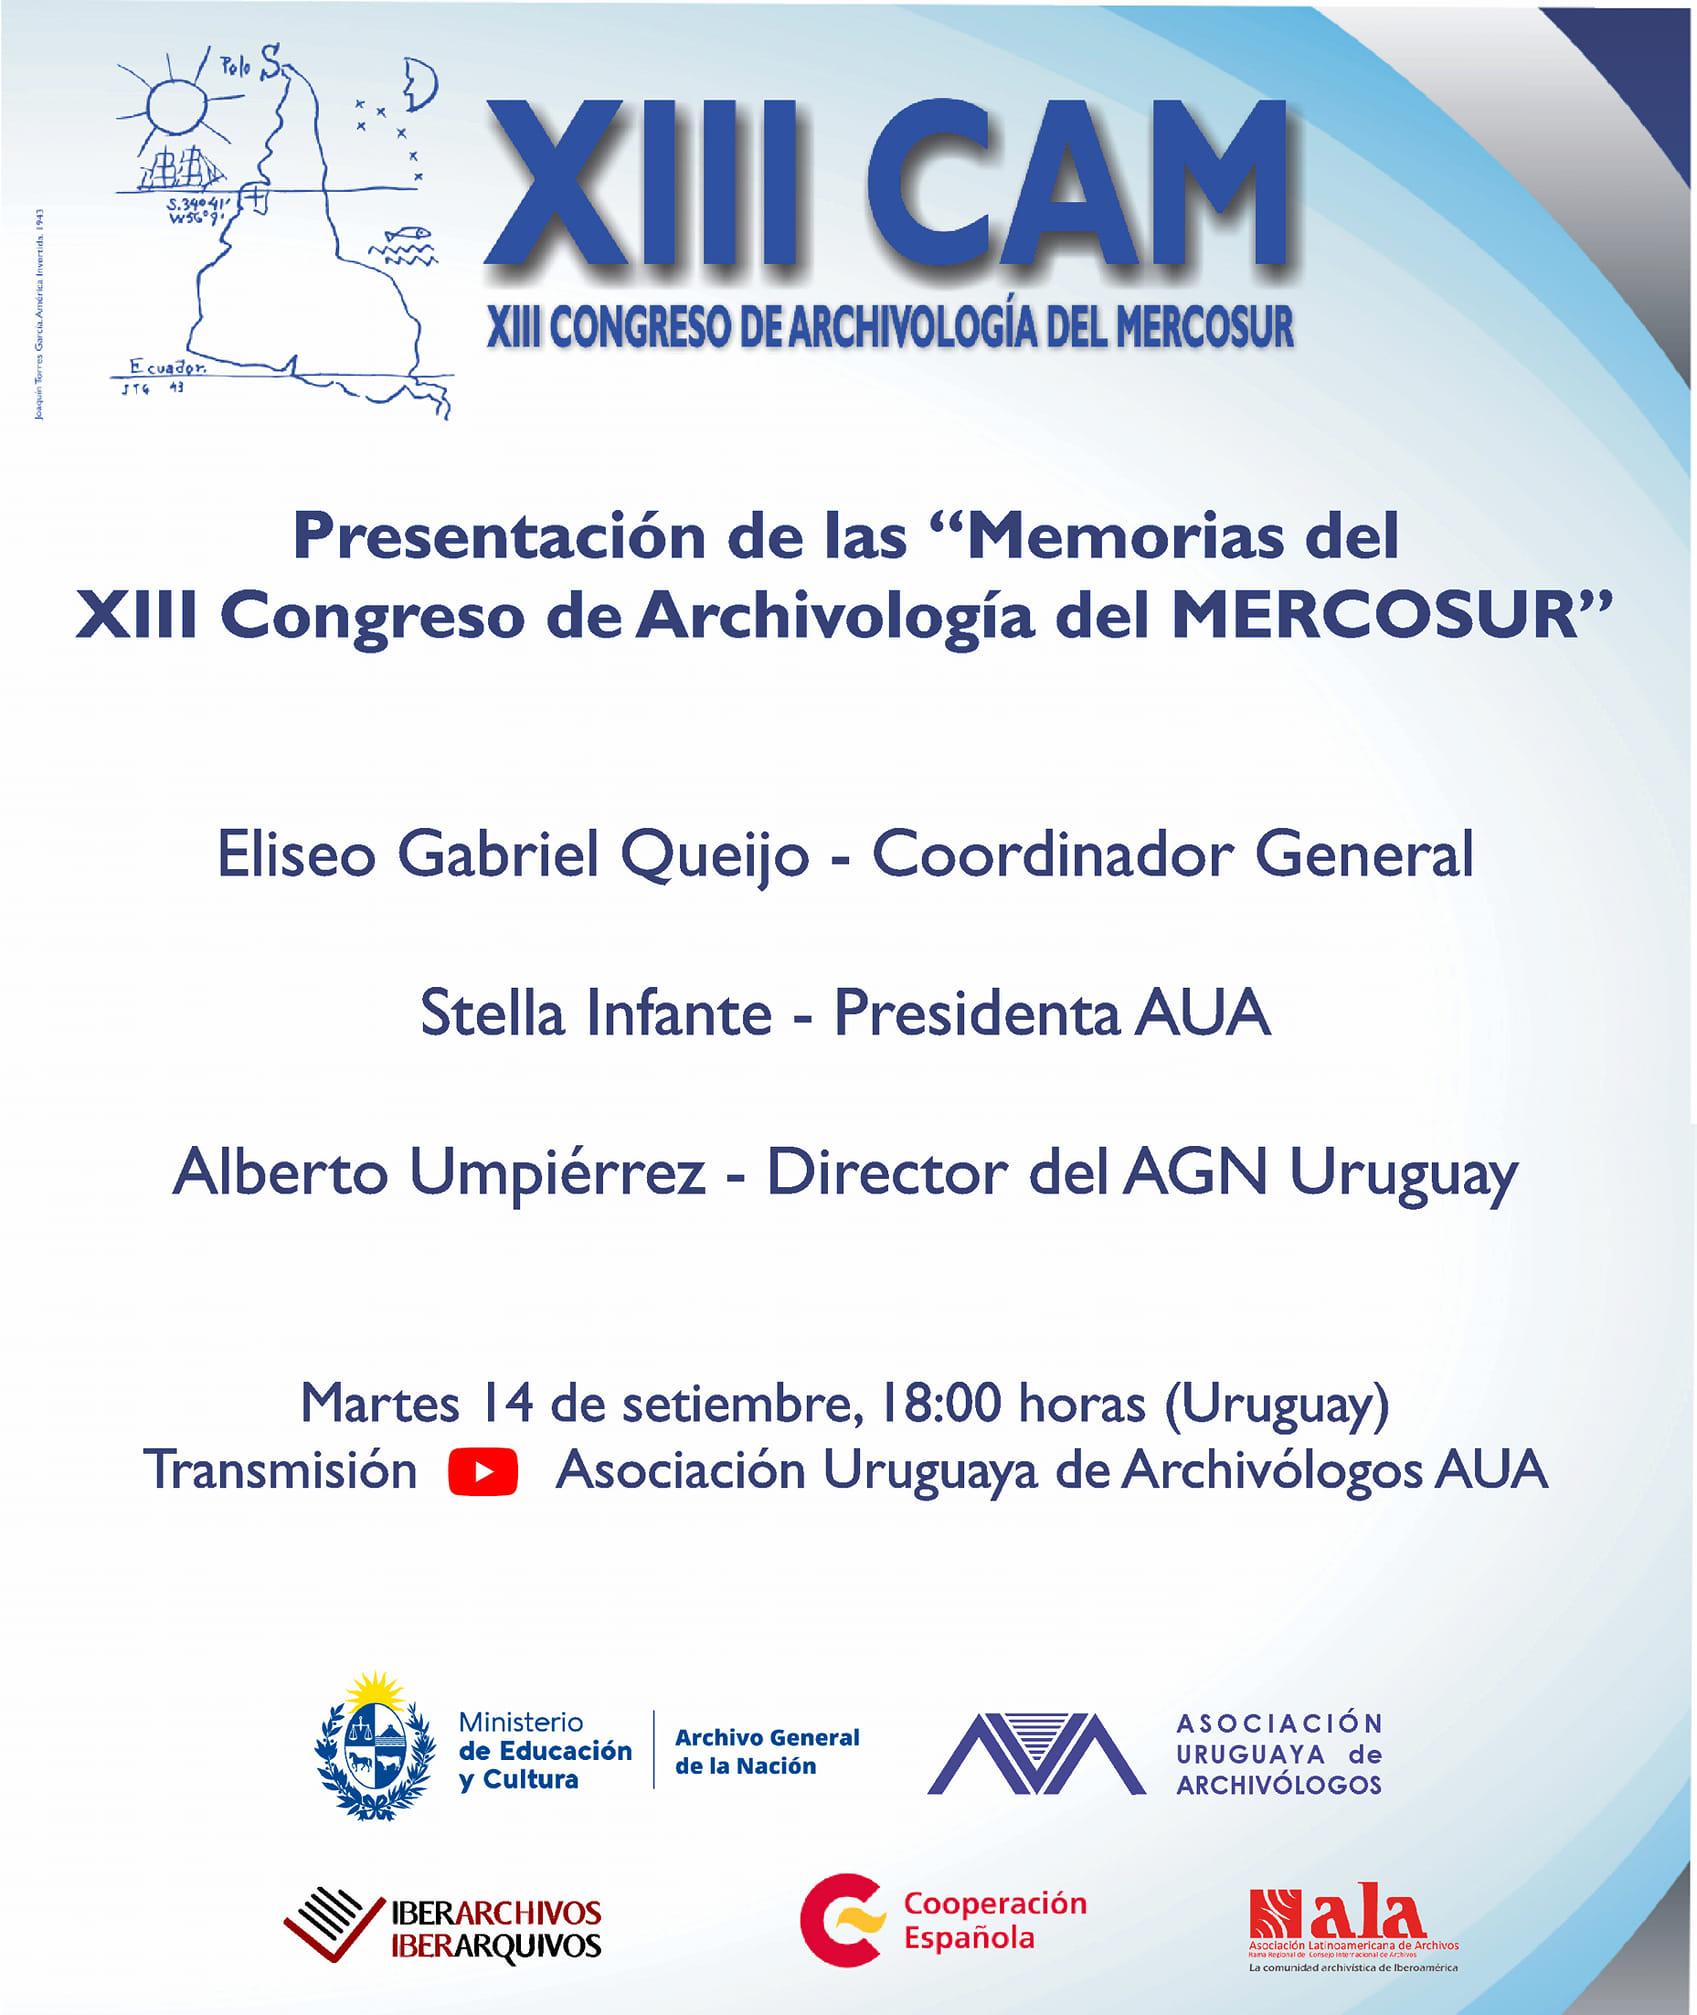 Afiche presentación de las Memorias del XIII CAM